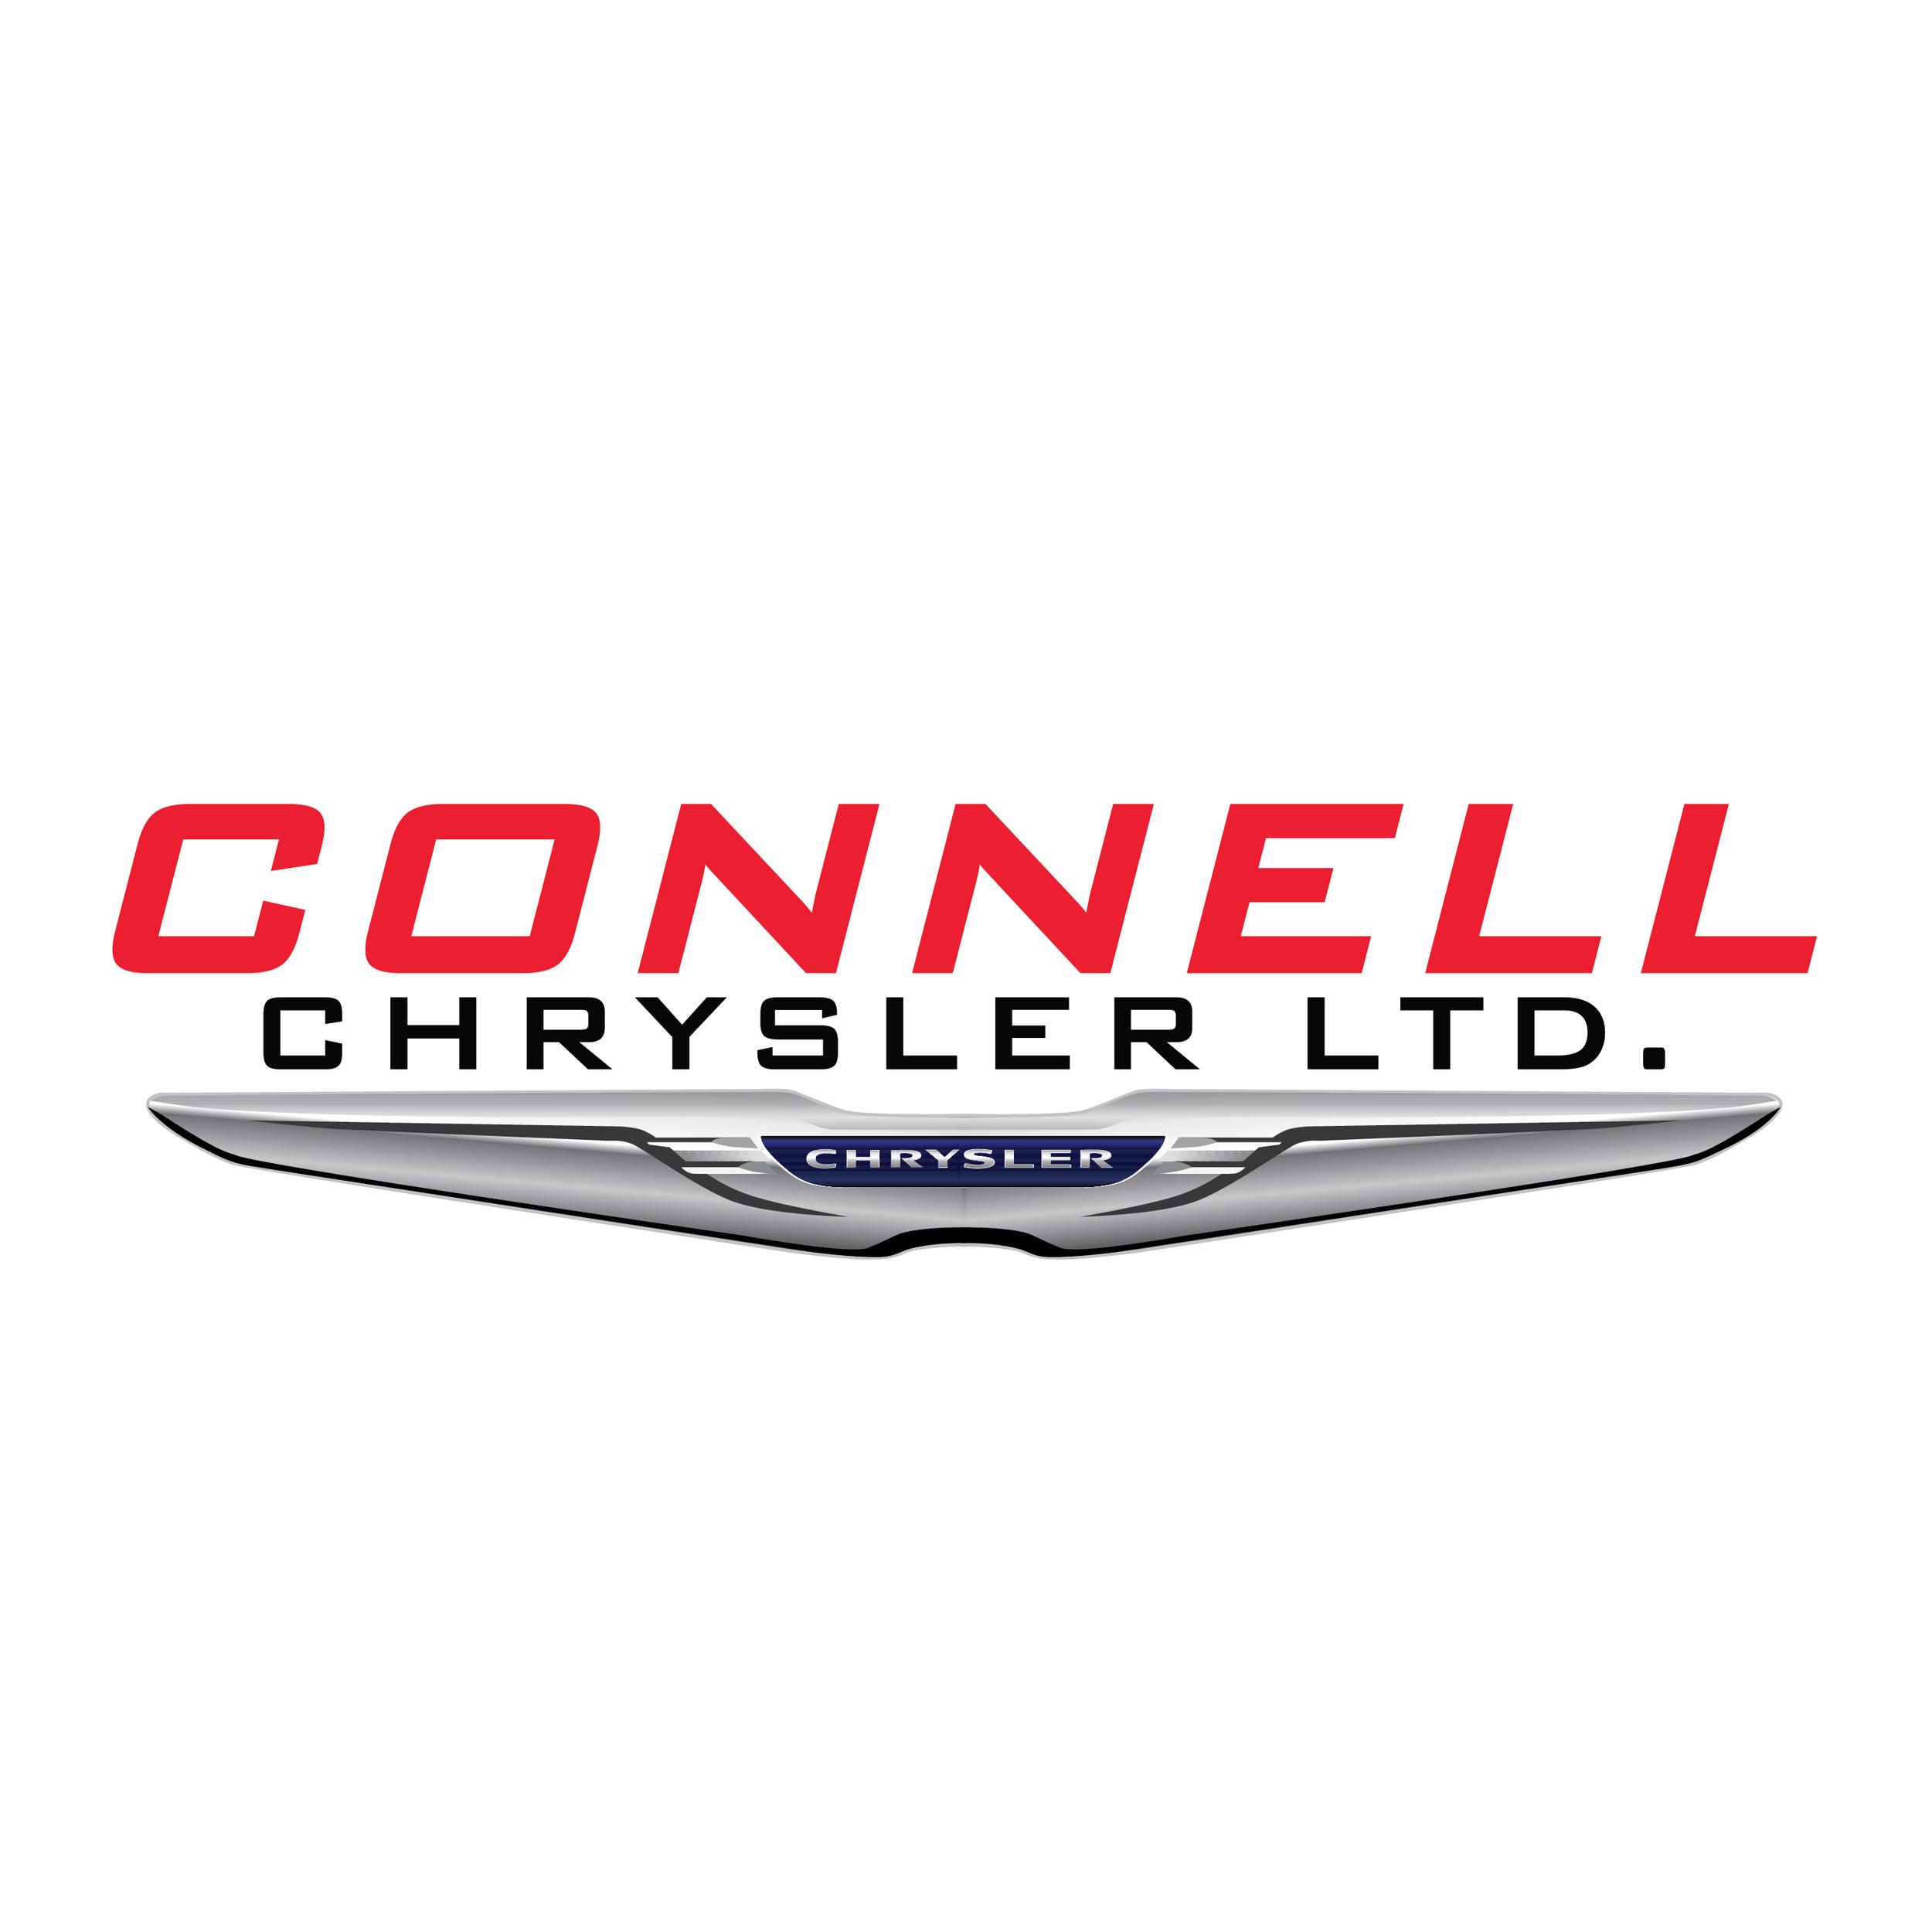 Connell Chrysler Ltd.